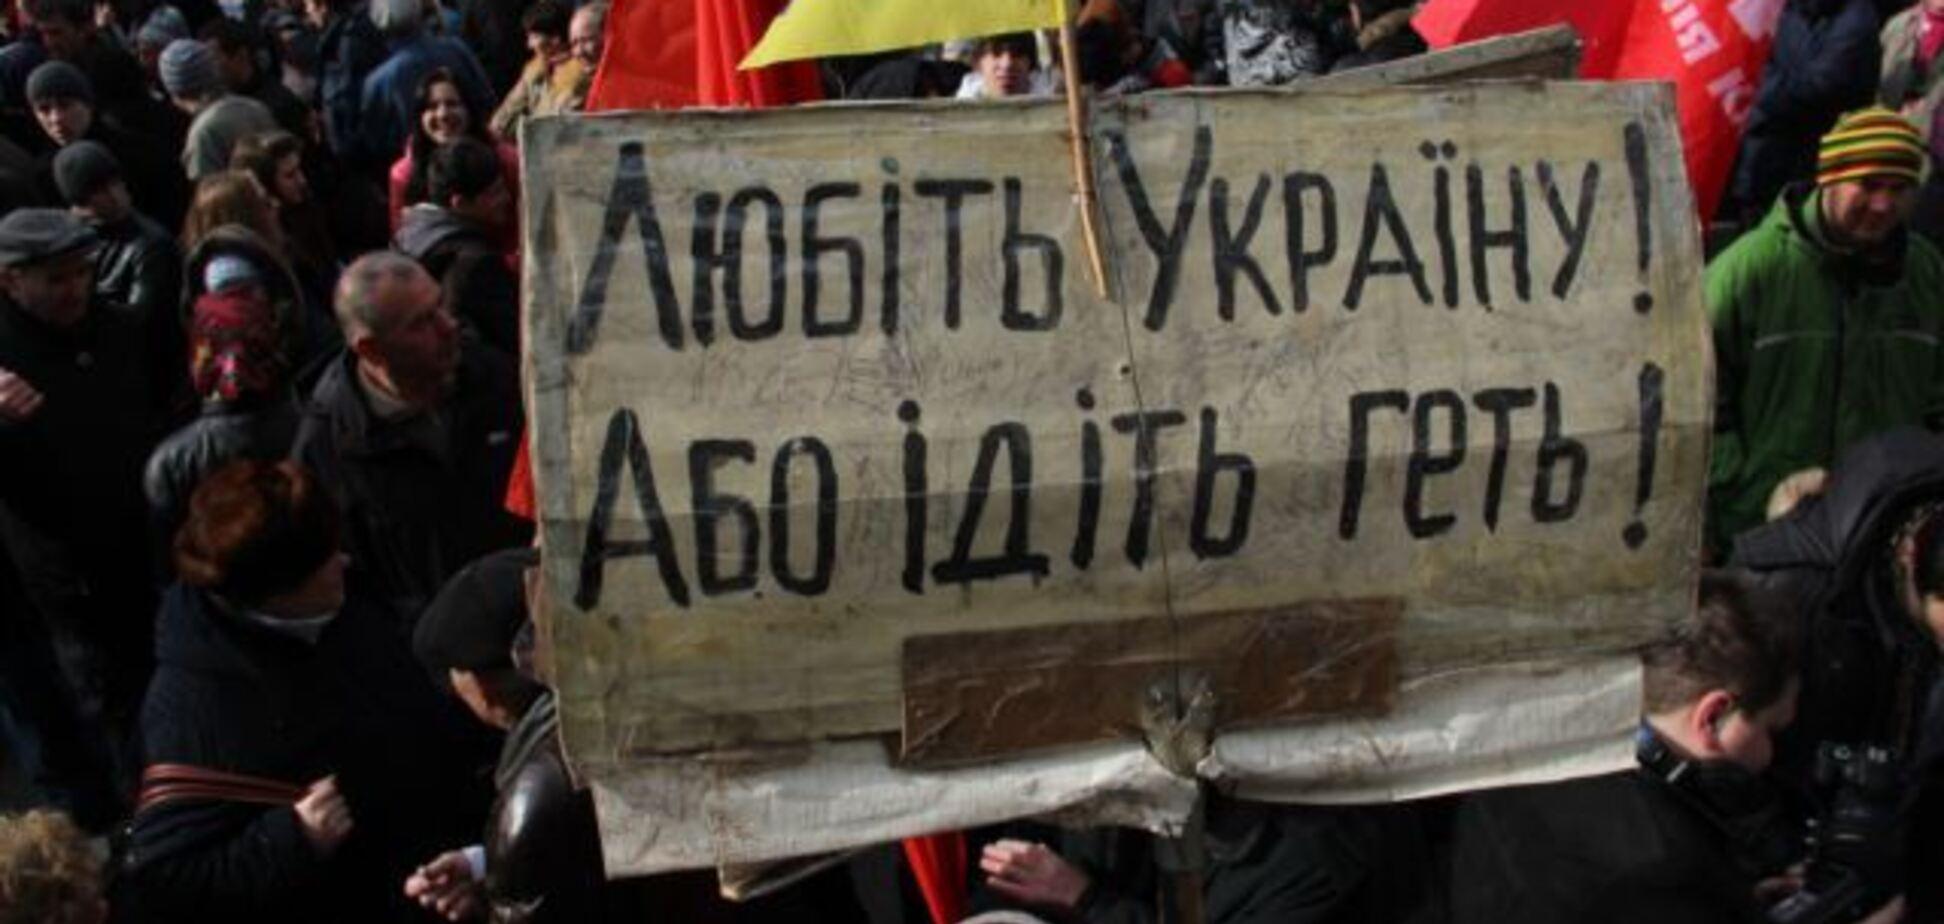 Ця влада має піти. Чим швидше - тим краще для України